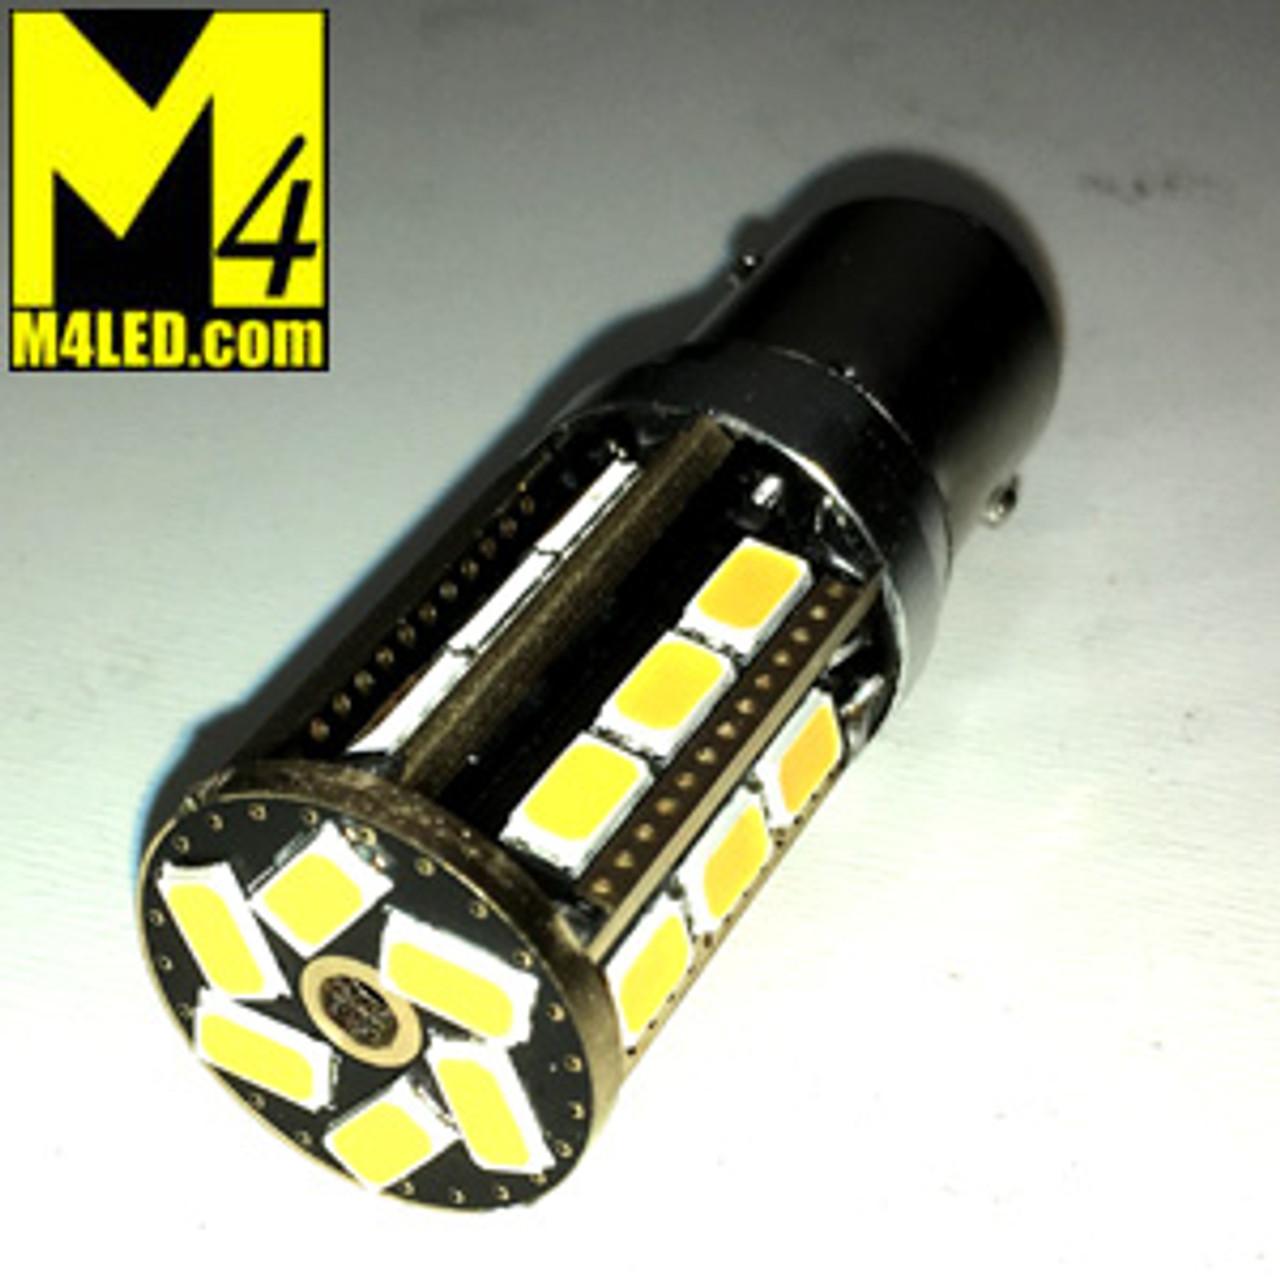 1157-24-5630-AMBER 1157 Amber Tail Light Replacement, Brake/Tail (Hi/Low)